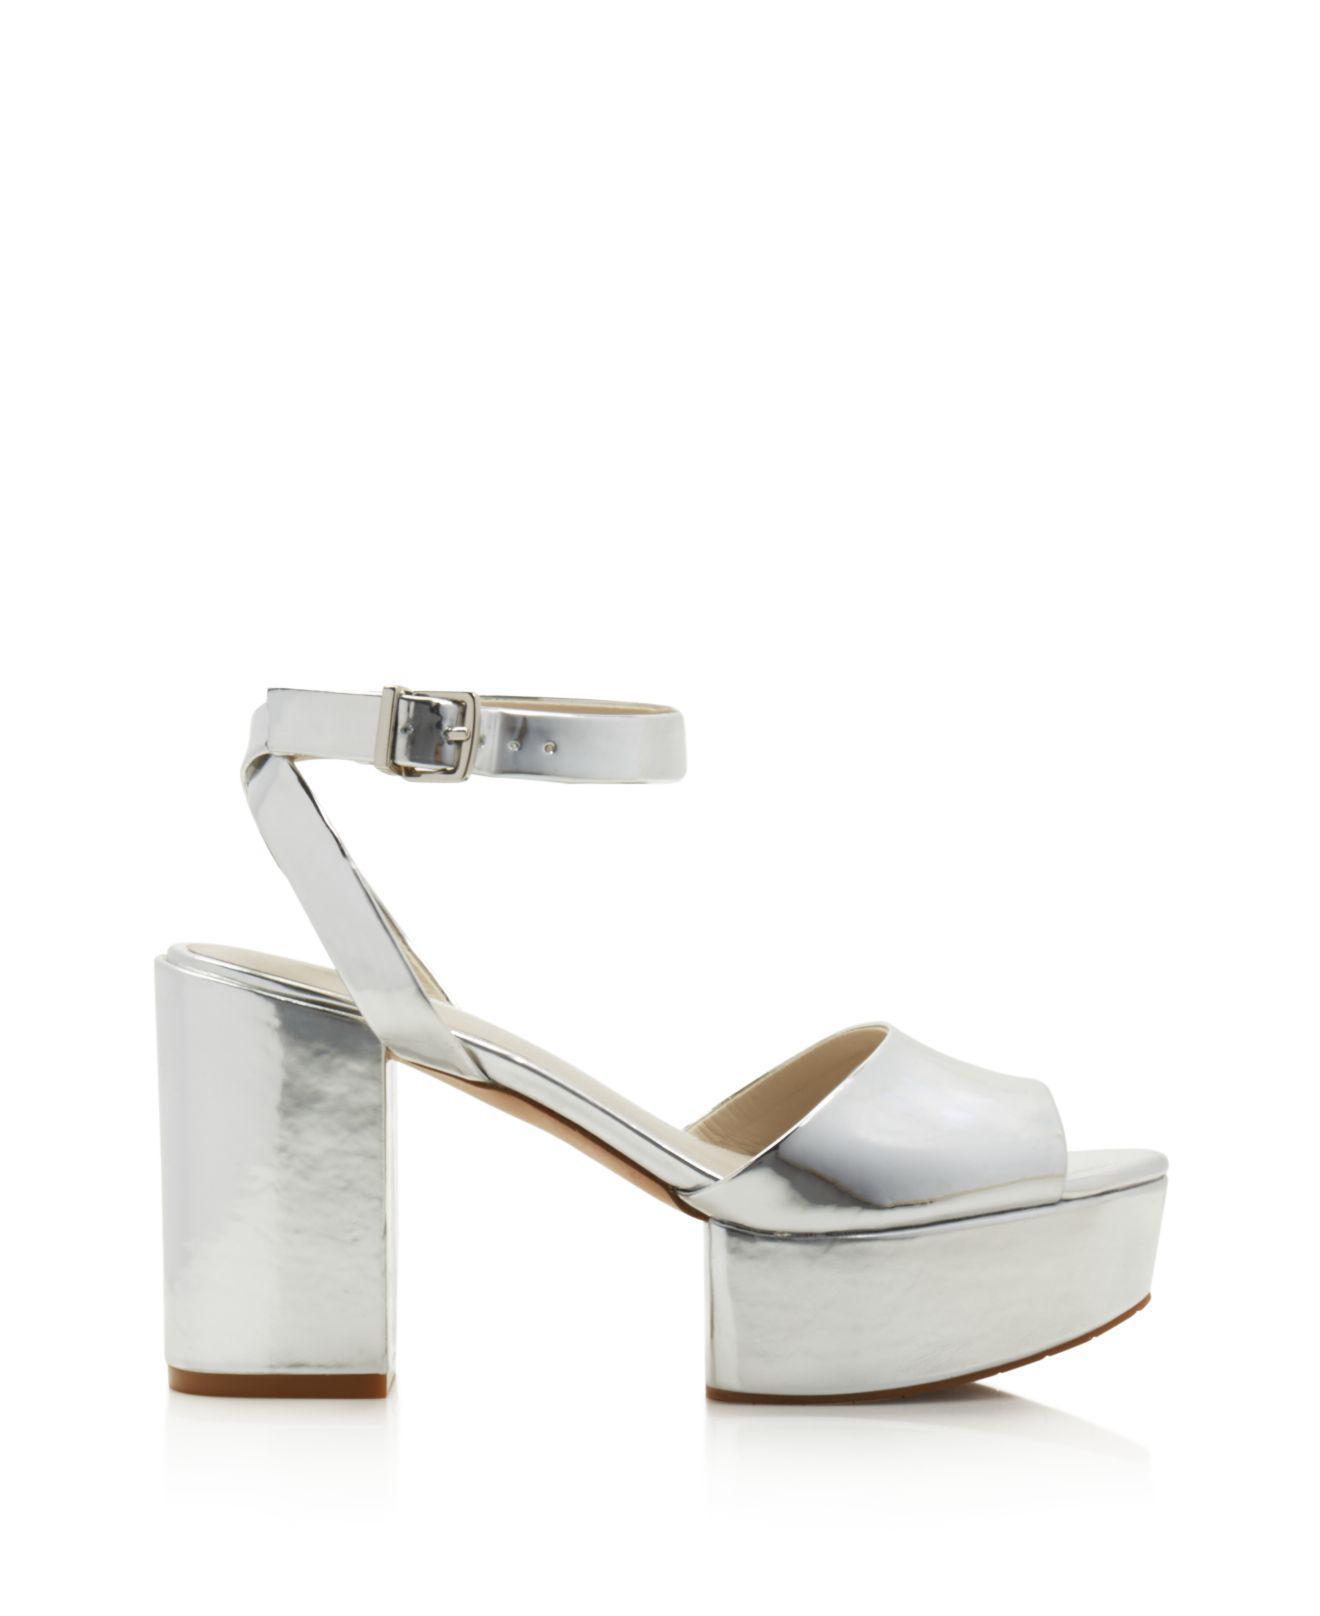 Kenneth Cole Women's Phoenix Leather Platform Ankle Strap Sandals TYKfniOF4y